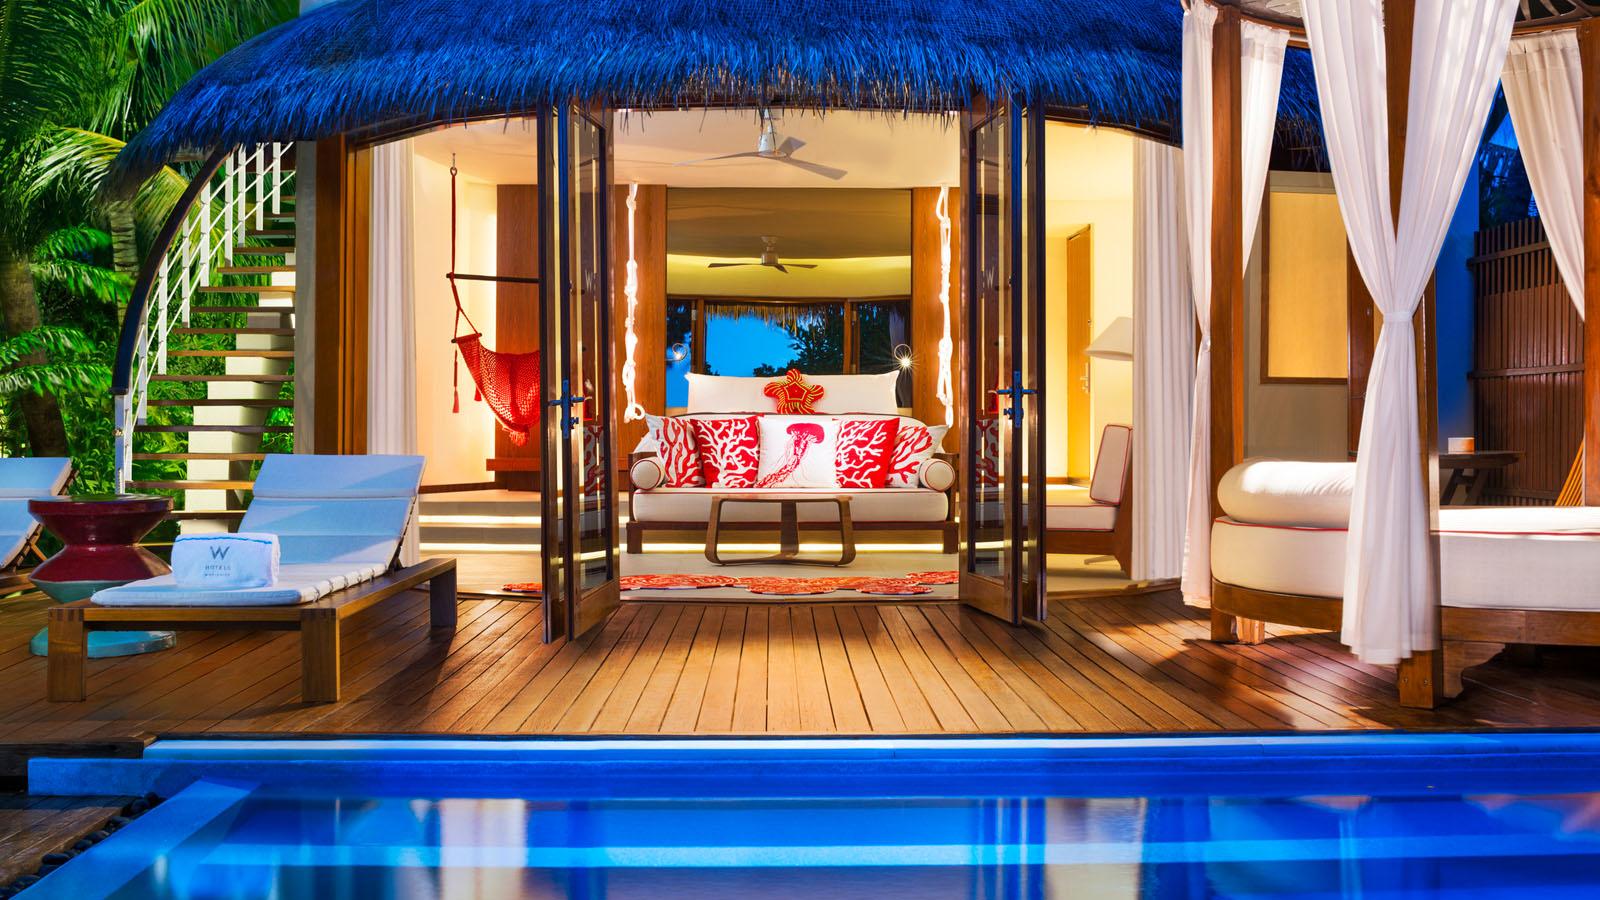 W Retreat and Spa Maldives (7)